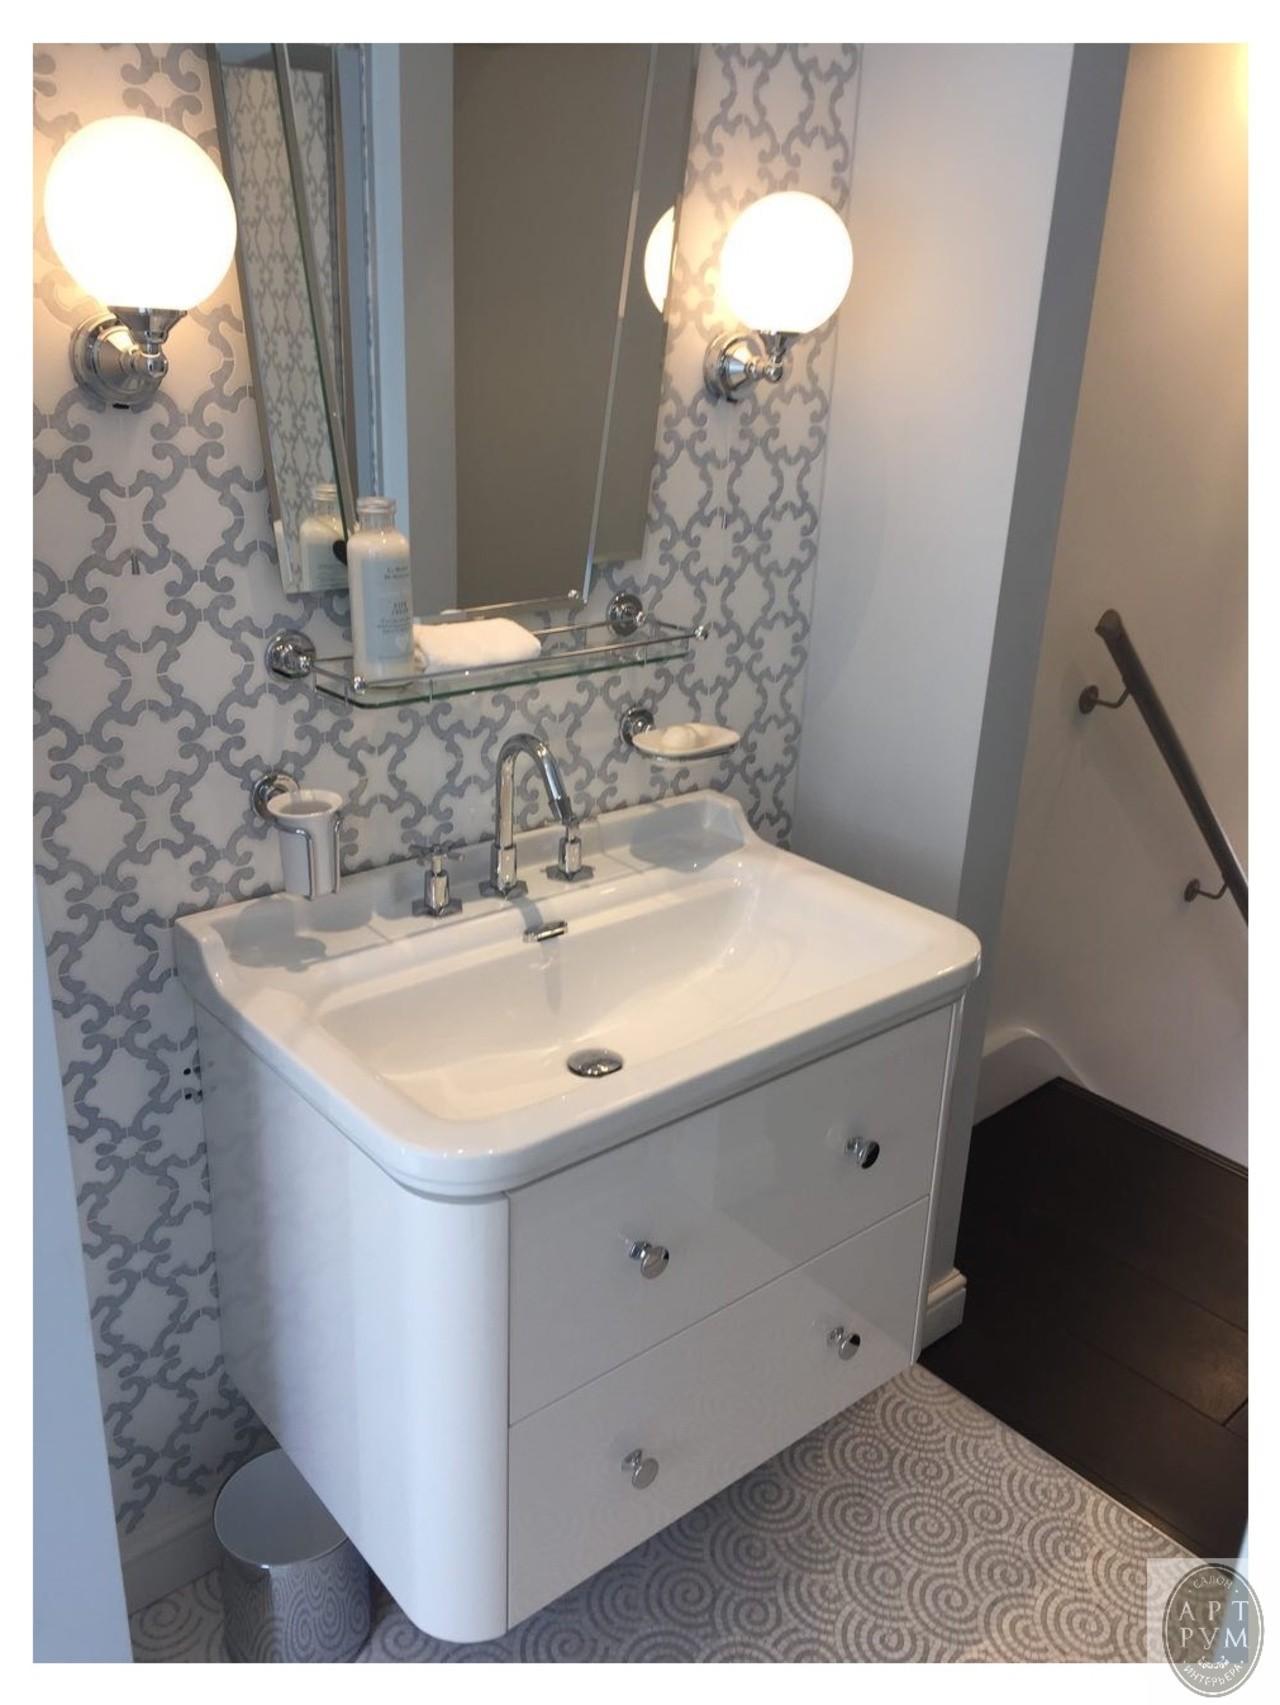 Бразилия Дизайн! Низкая Цена Ванная Комната Маленькие Круглые ... | 1705x1280